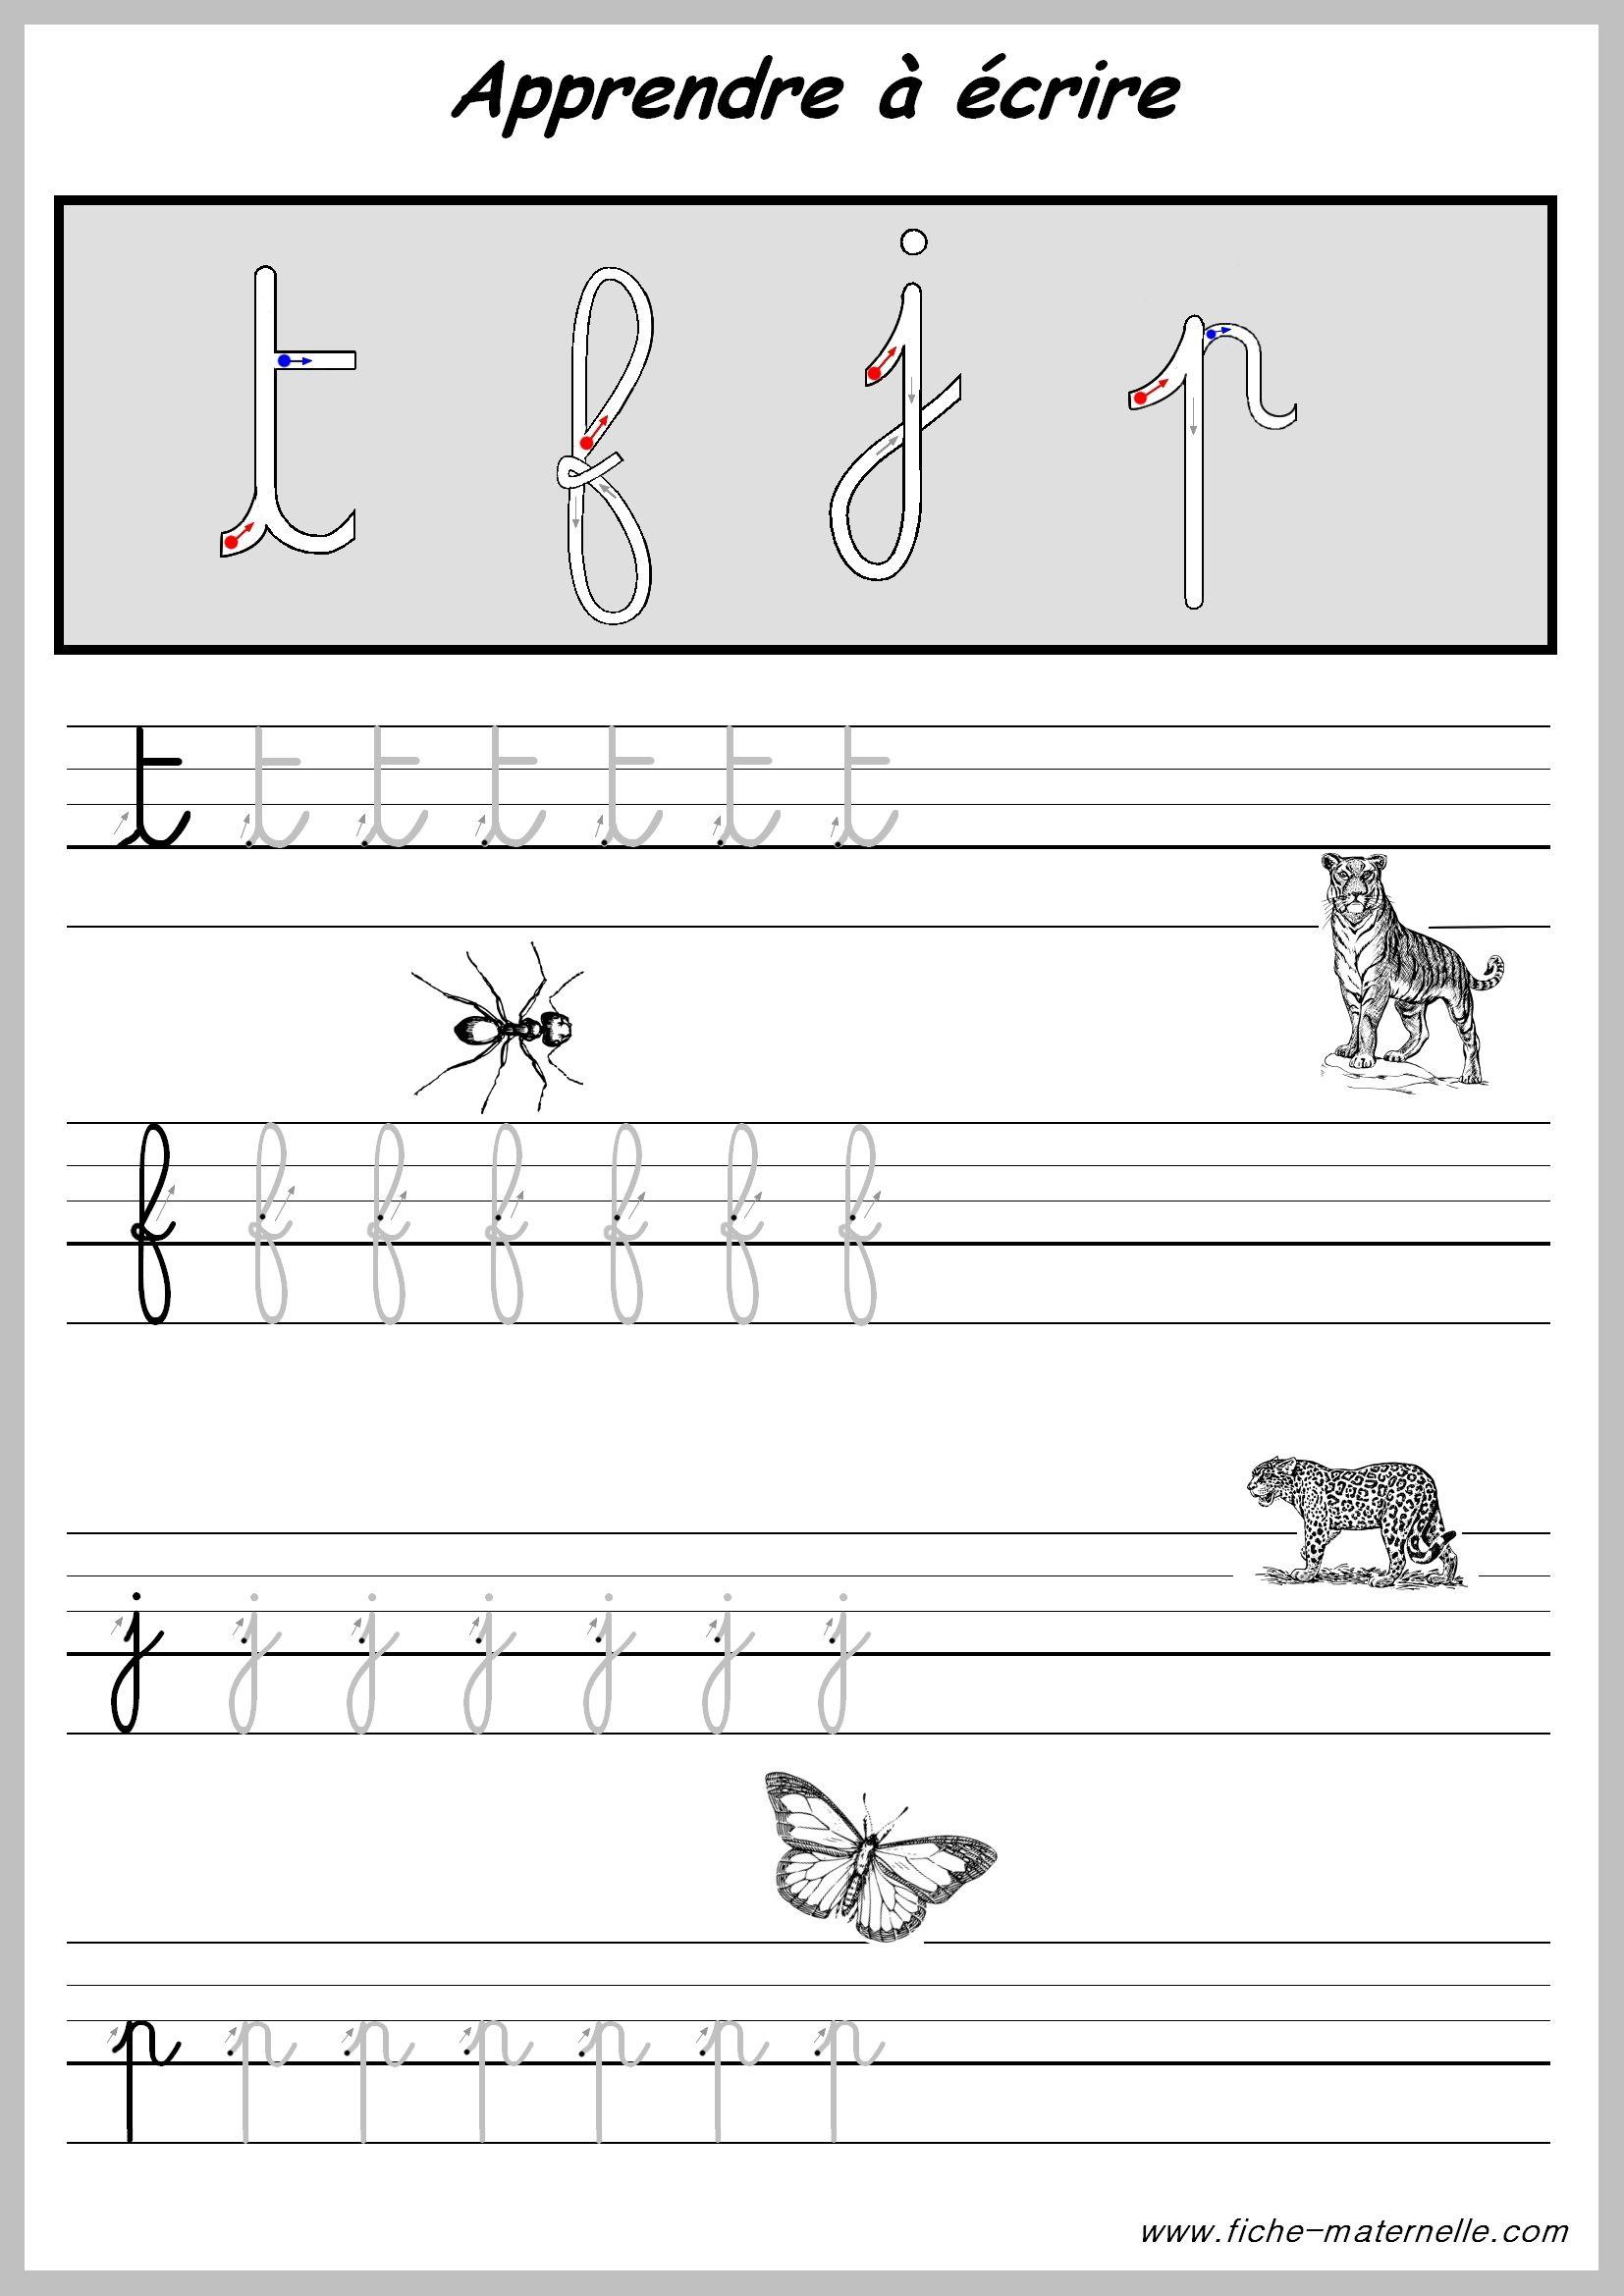 Exercices Pour Apprendre A Ecrire Les Lettres. | Écrire En avec Apprendre Les Lettres De L Alphabet